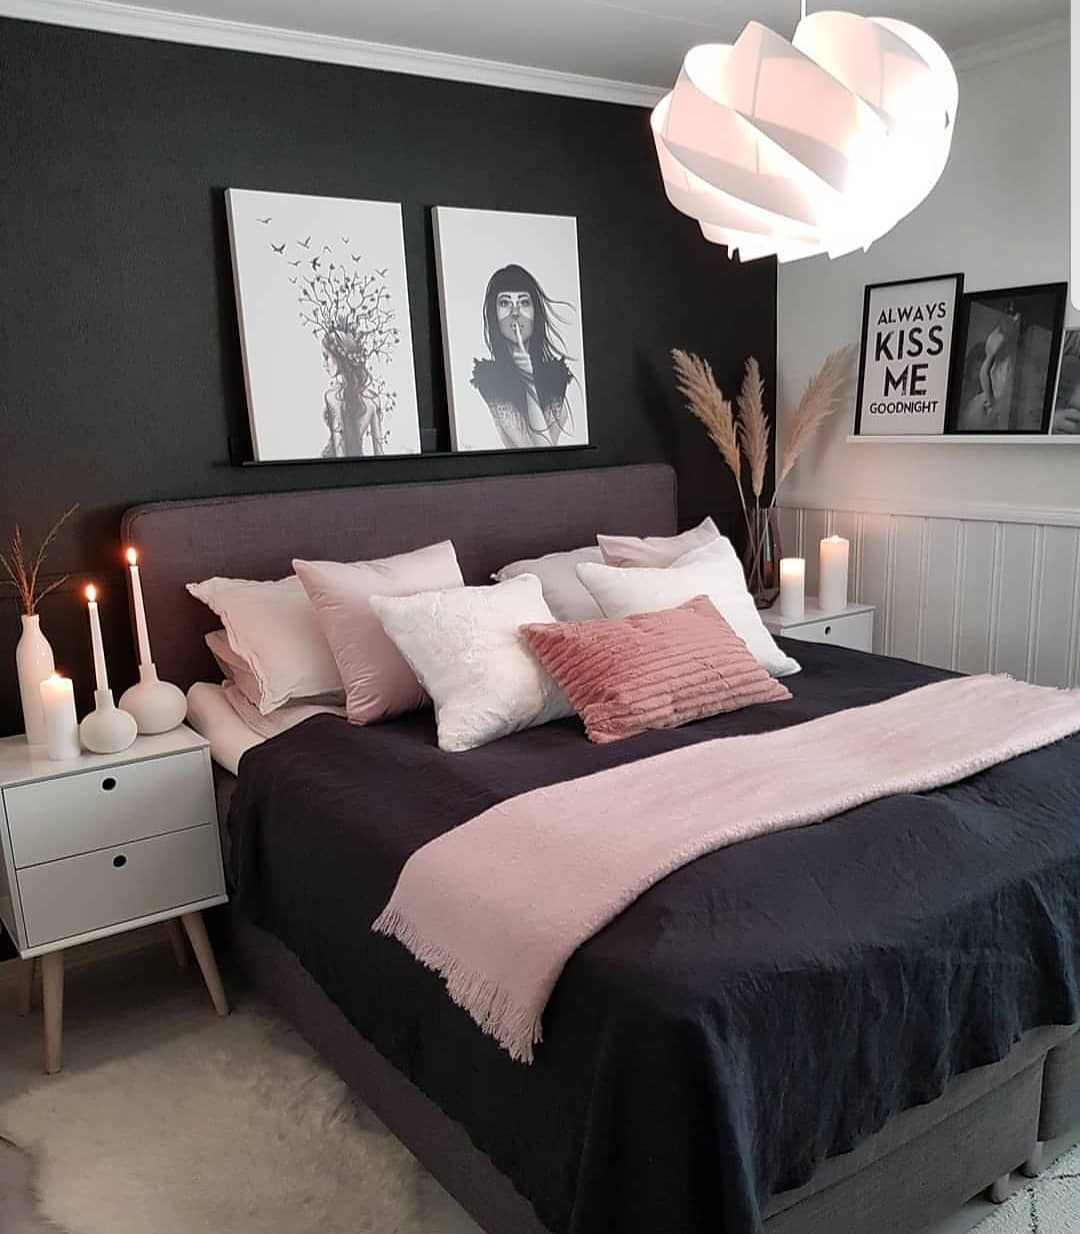 Épinglé sur Bedrooms